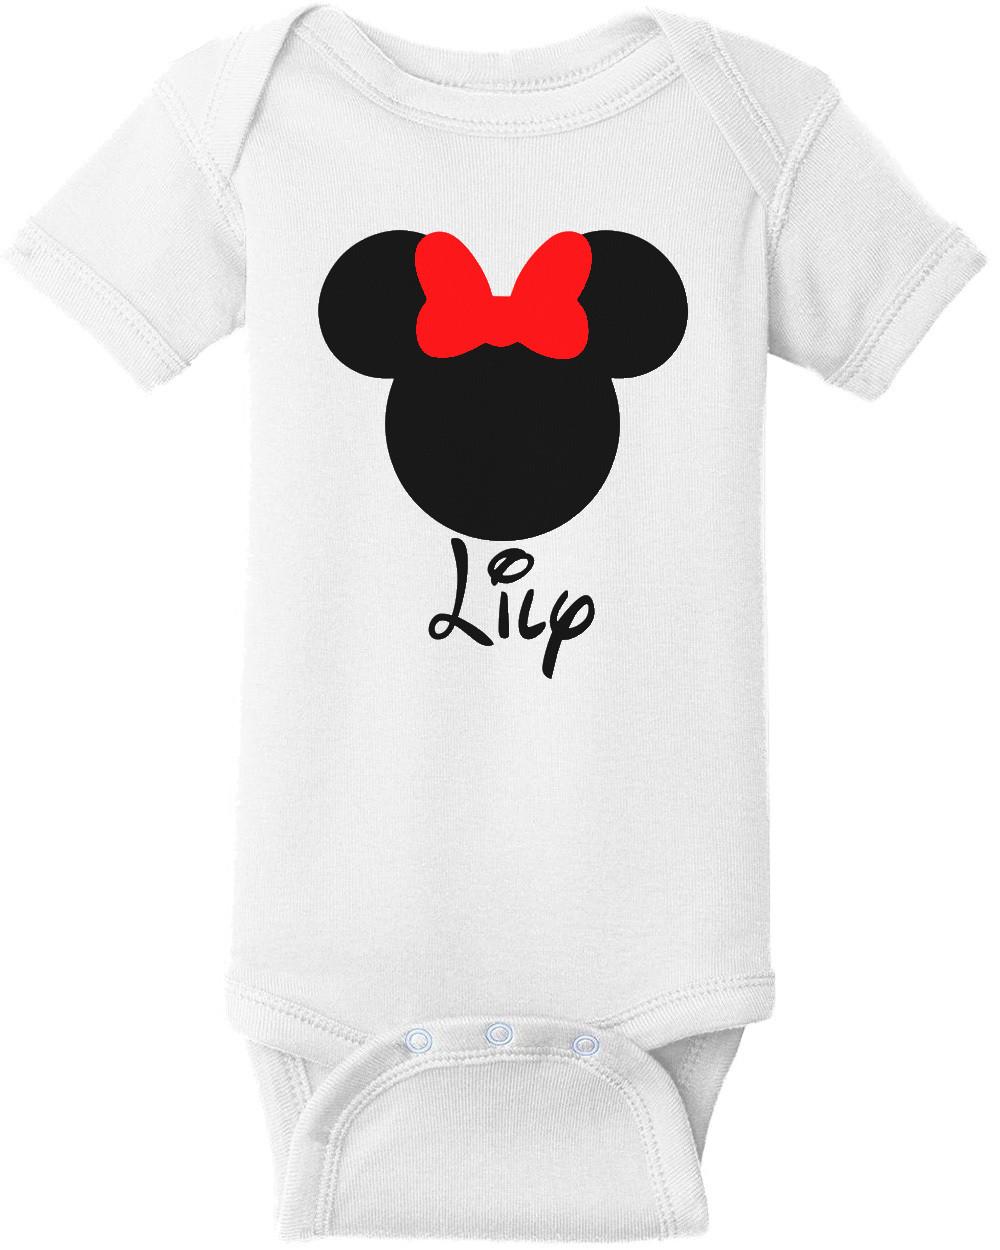 Daughter / Sister  - Disney World - Custom Family Group T-Shirt